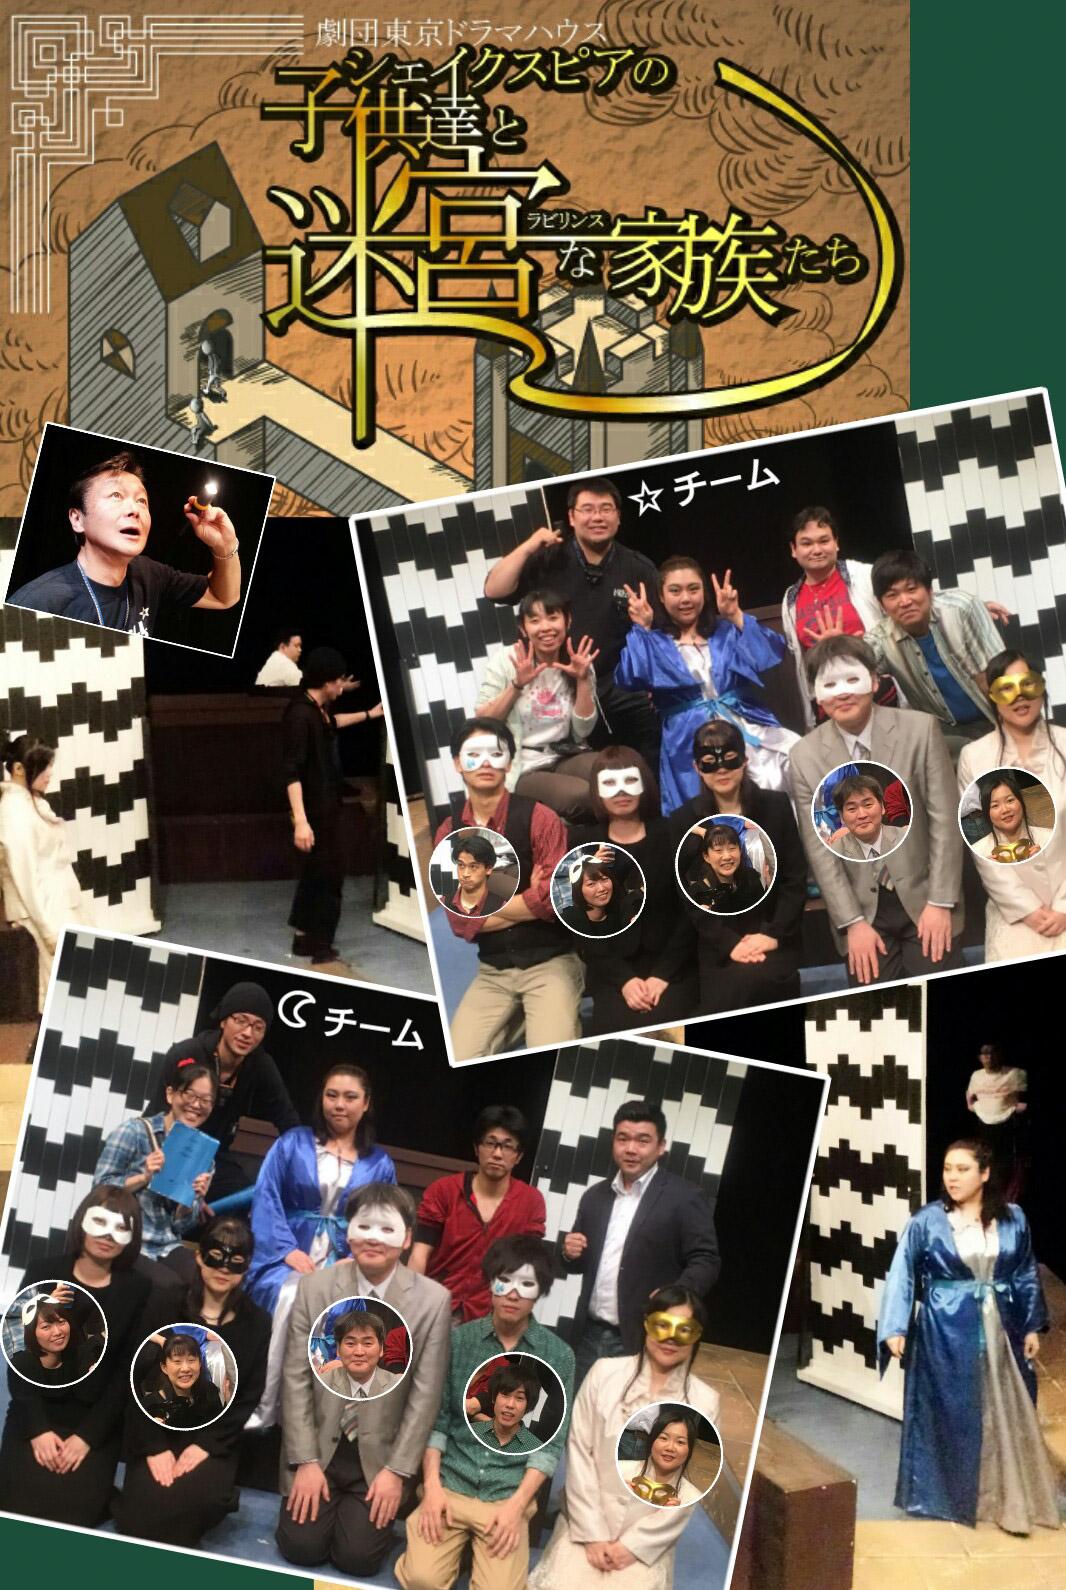 シェイクスピアの子供達とラビリンスな家族たち